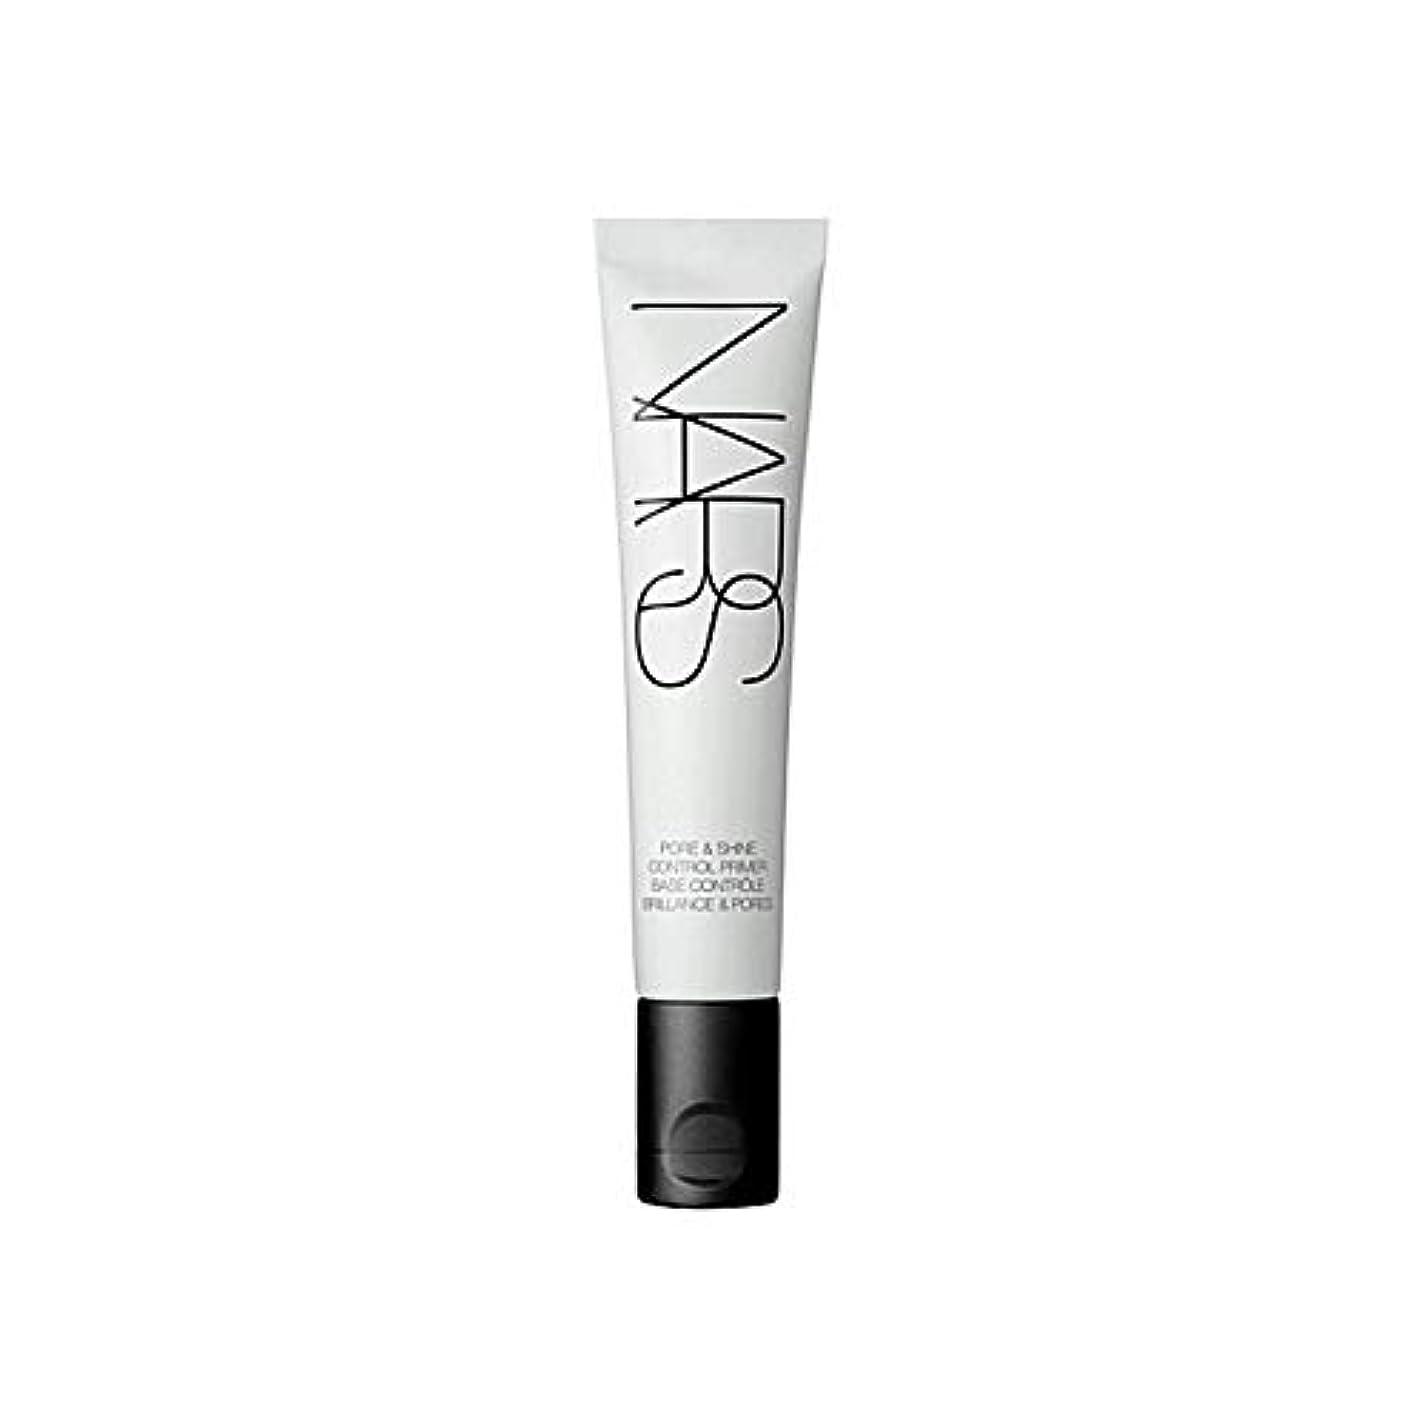 分布呼び出す彼らの[Nars] Narは、細孔&コントロールプライマーを照らします - Nars Pore & Shine Control Primer [並行輸入品]